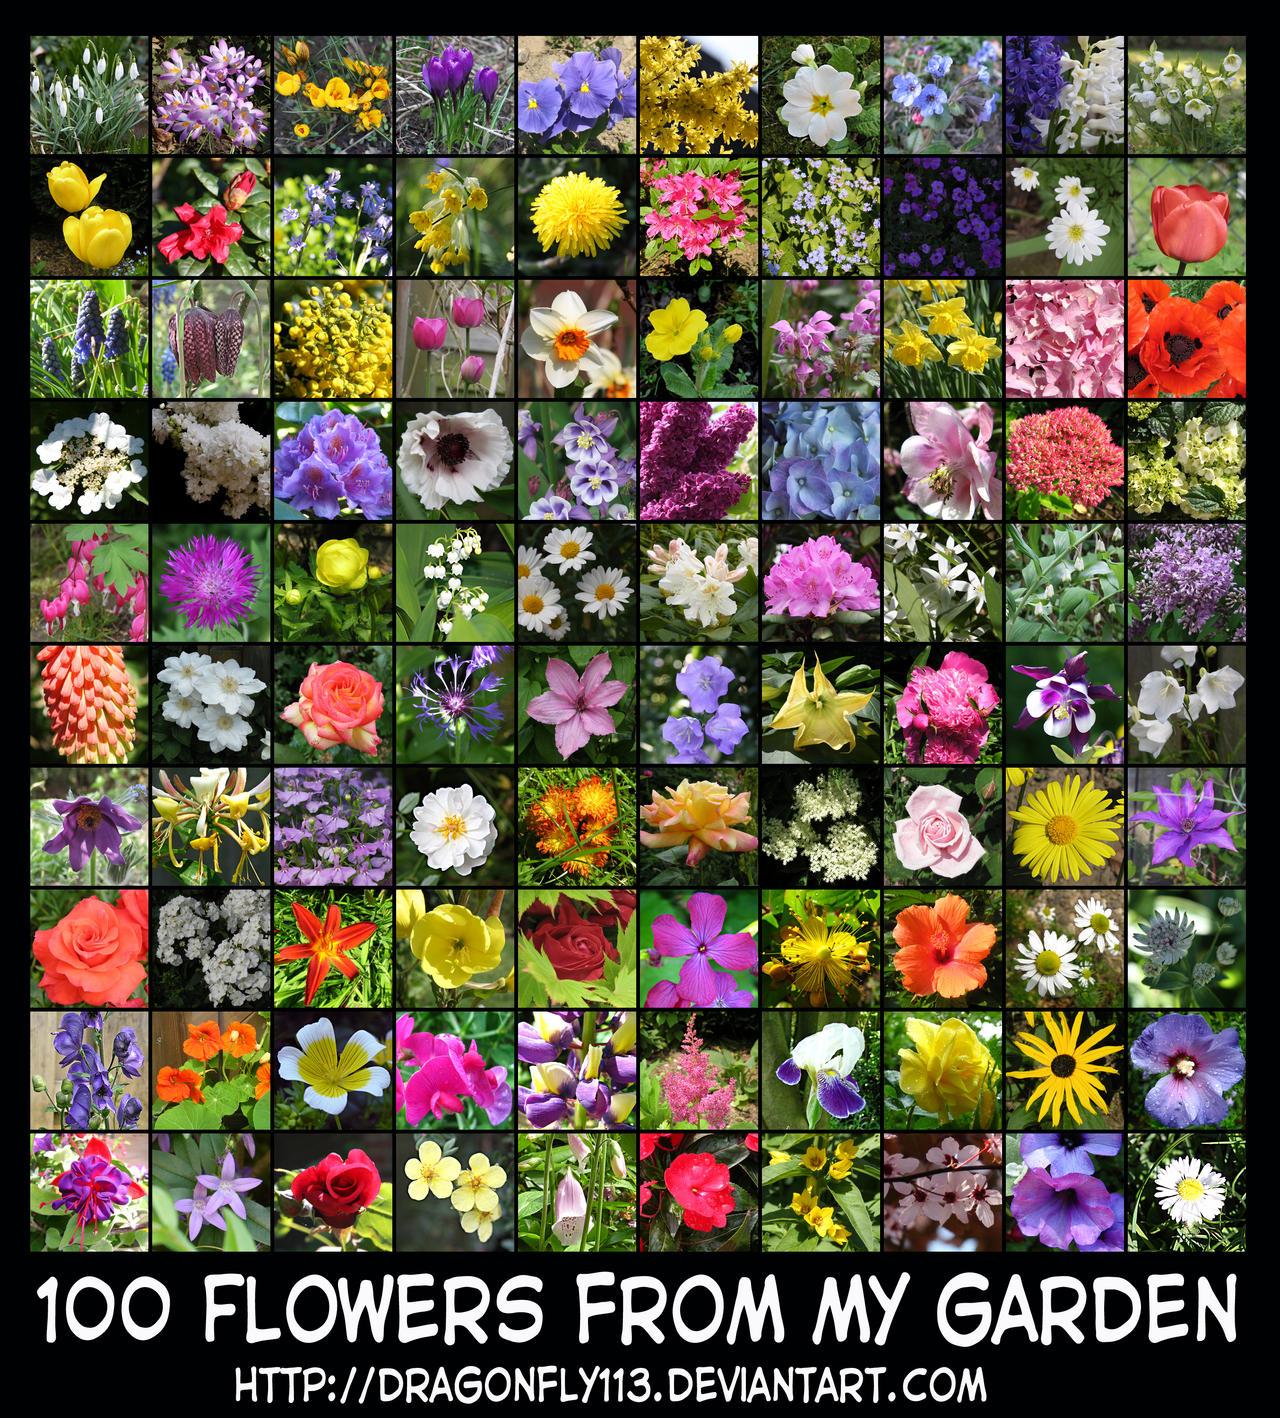 100 Flowers From My Garden by Brigitte Fredensborg on DeviantArt